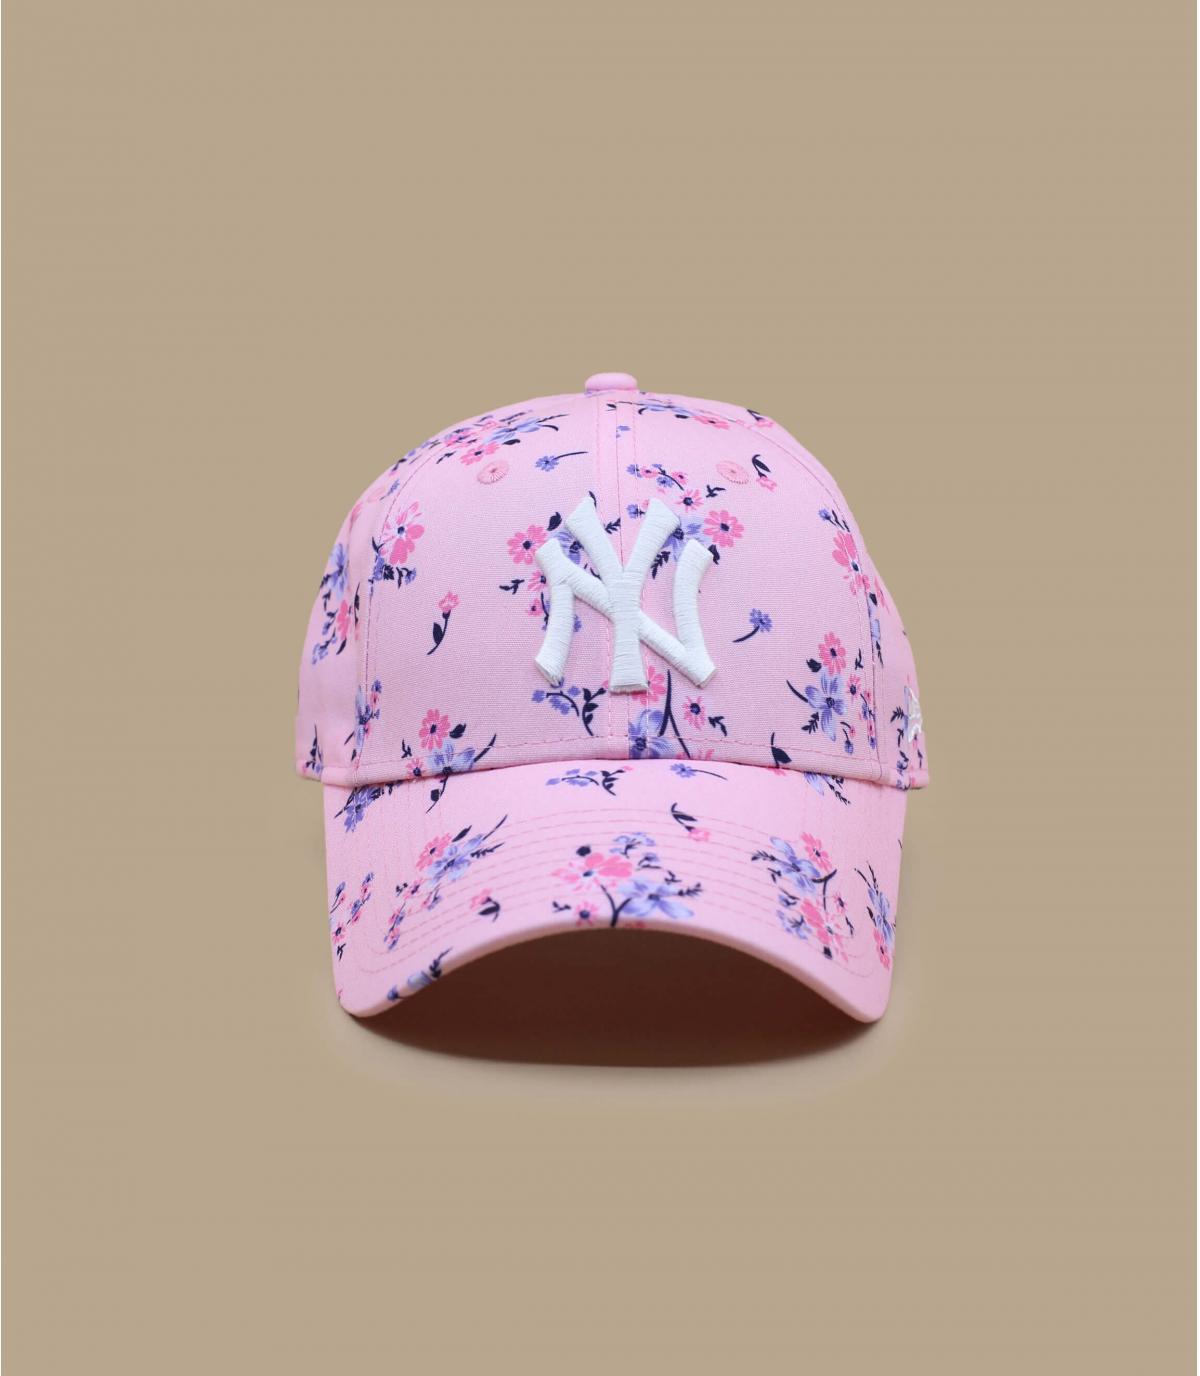 Details Cap Wmn Floral NY 940 pink - Abbildung 2